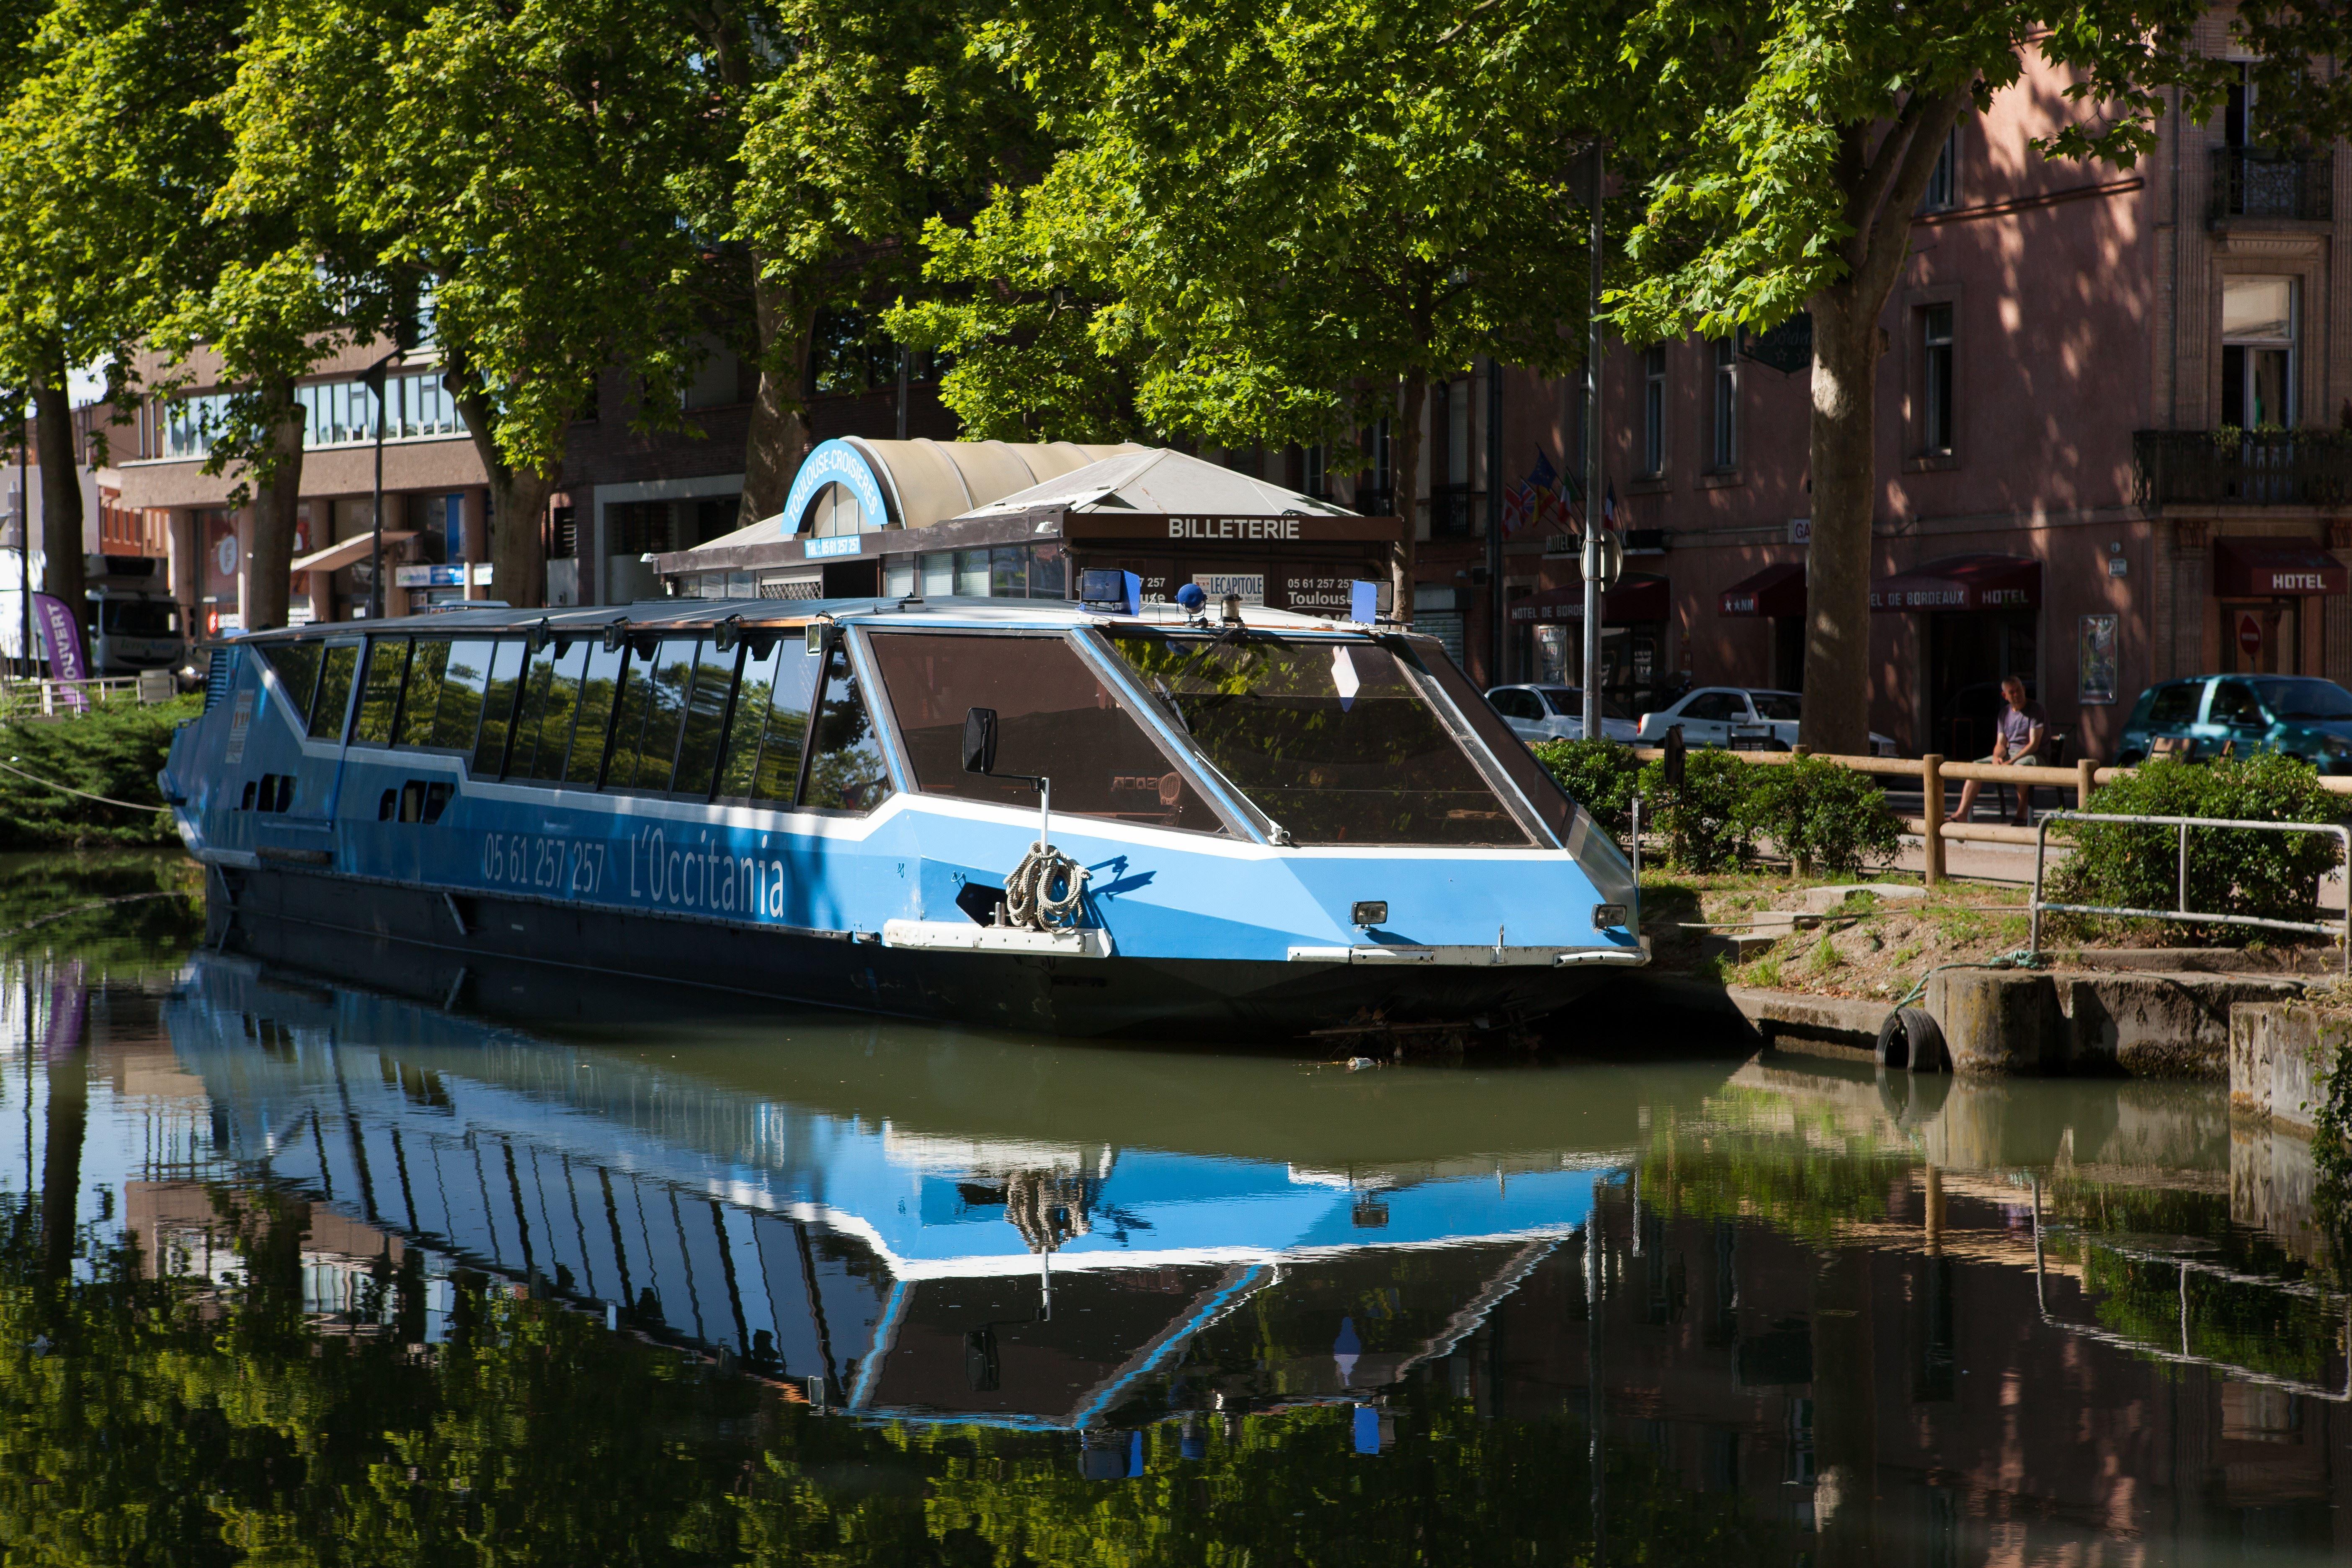 L'Occitania-Restaurant boat cruise